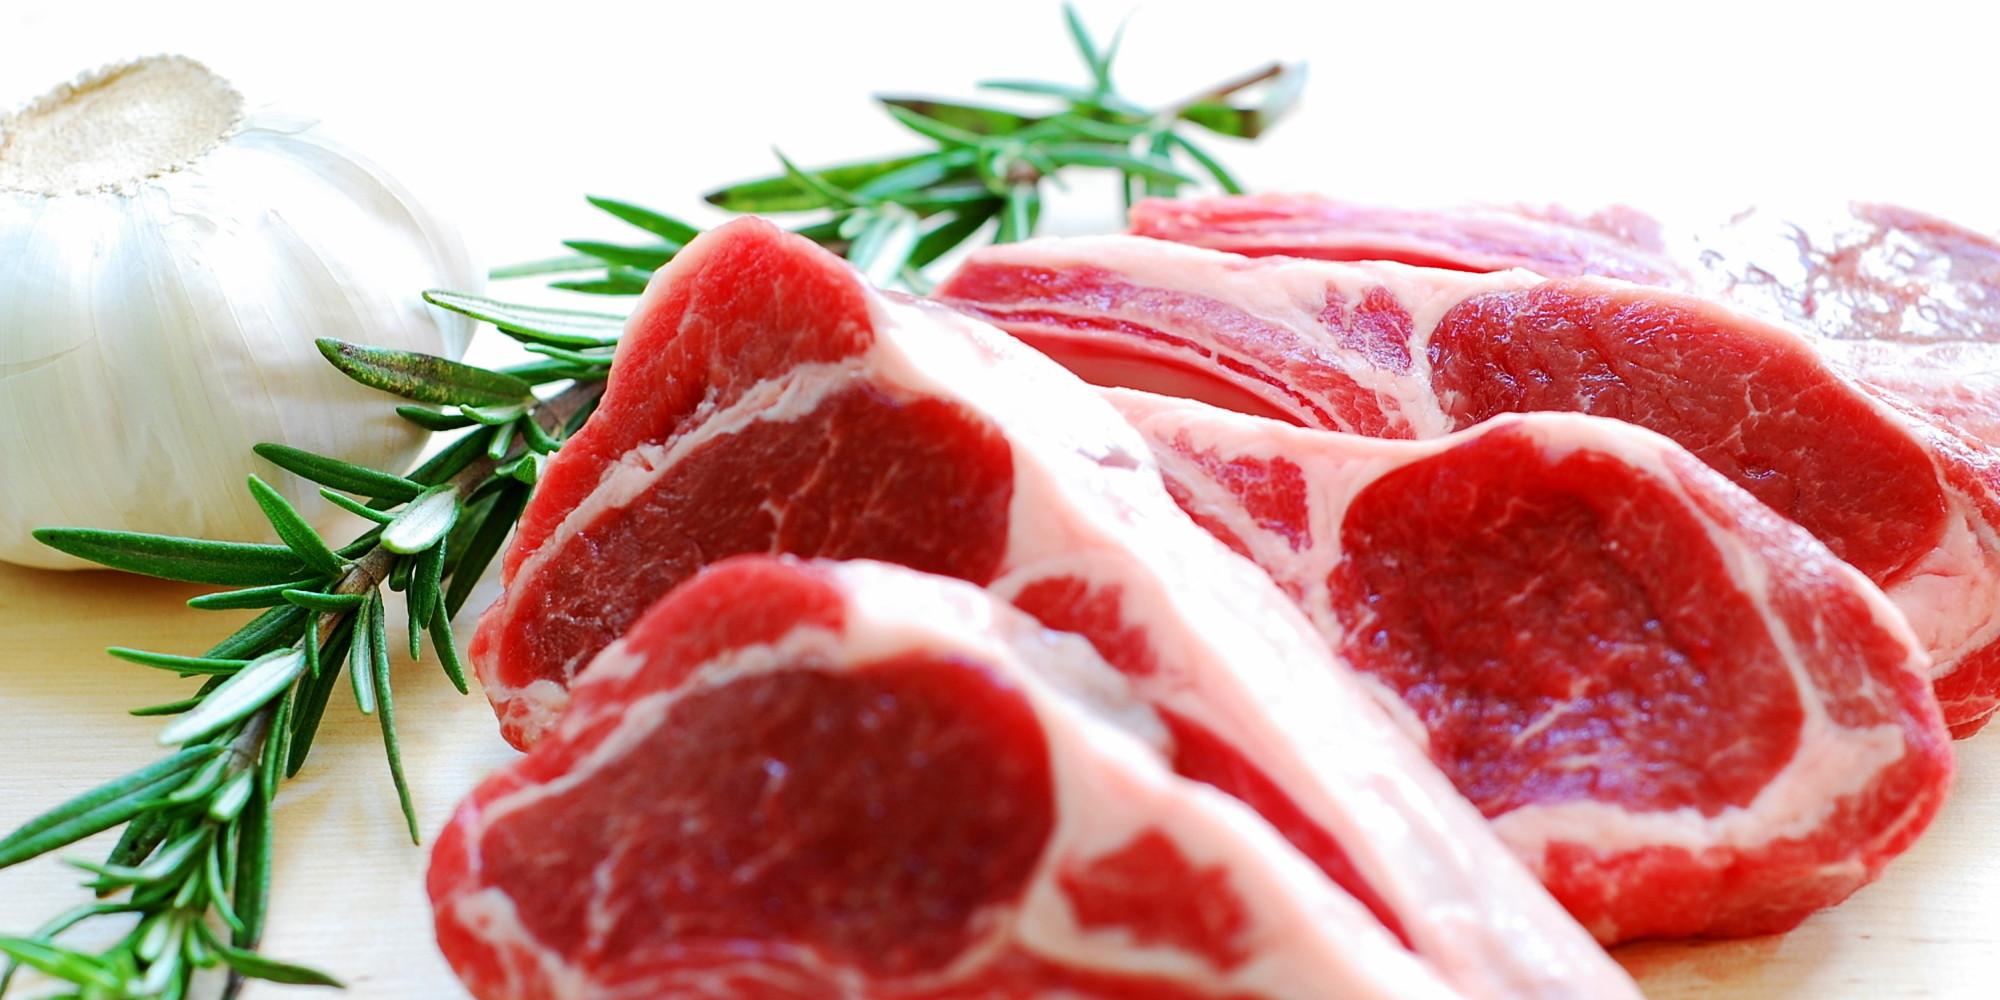 Lamb chops and rosemary